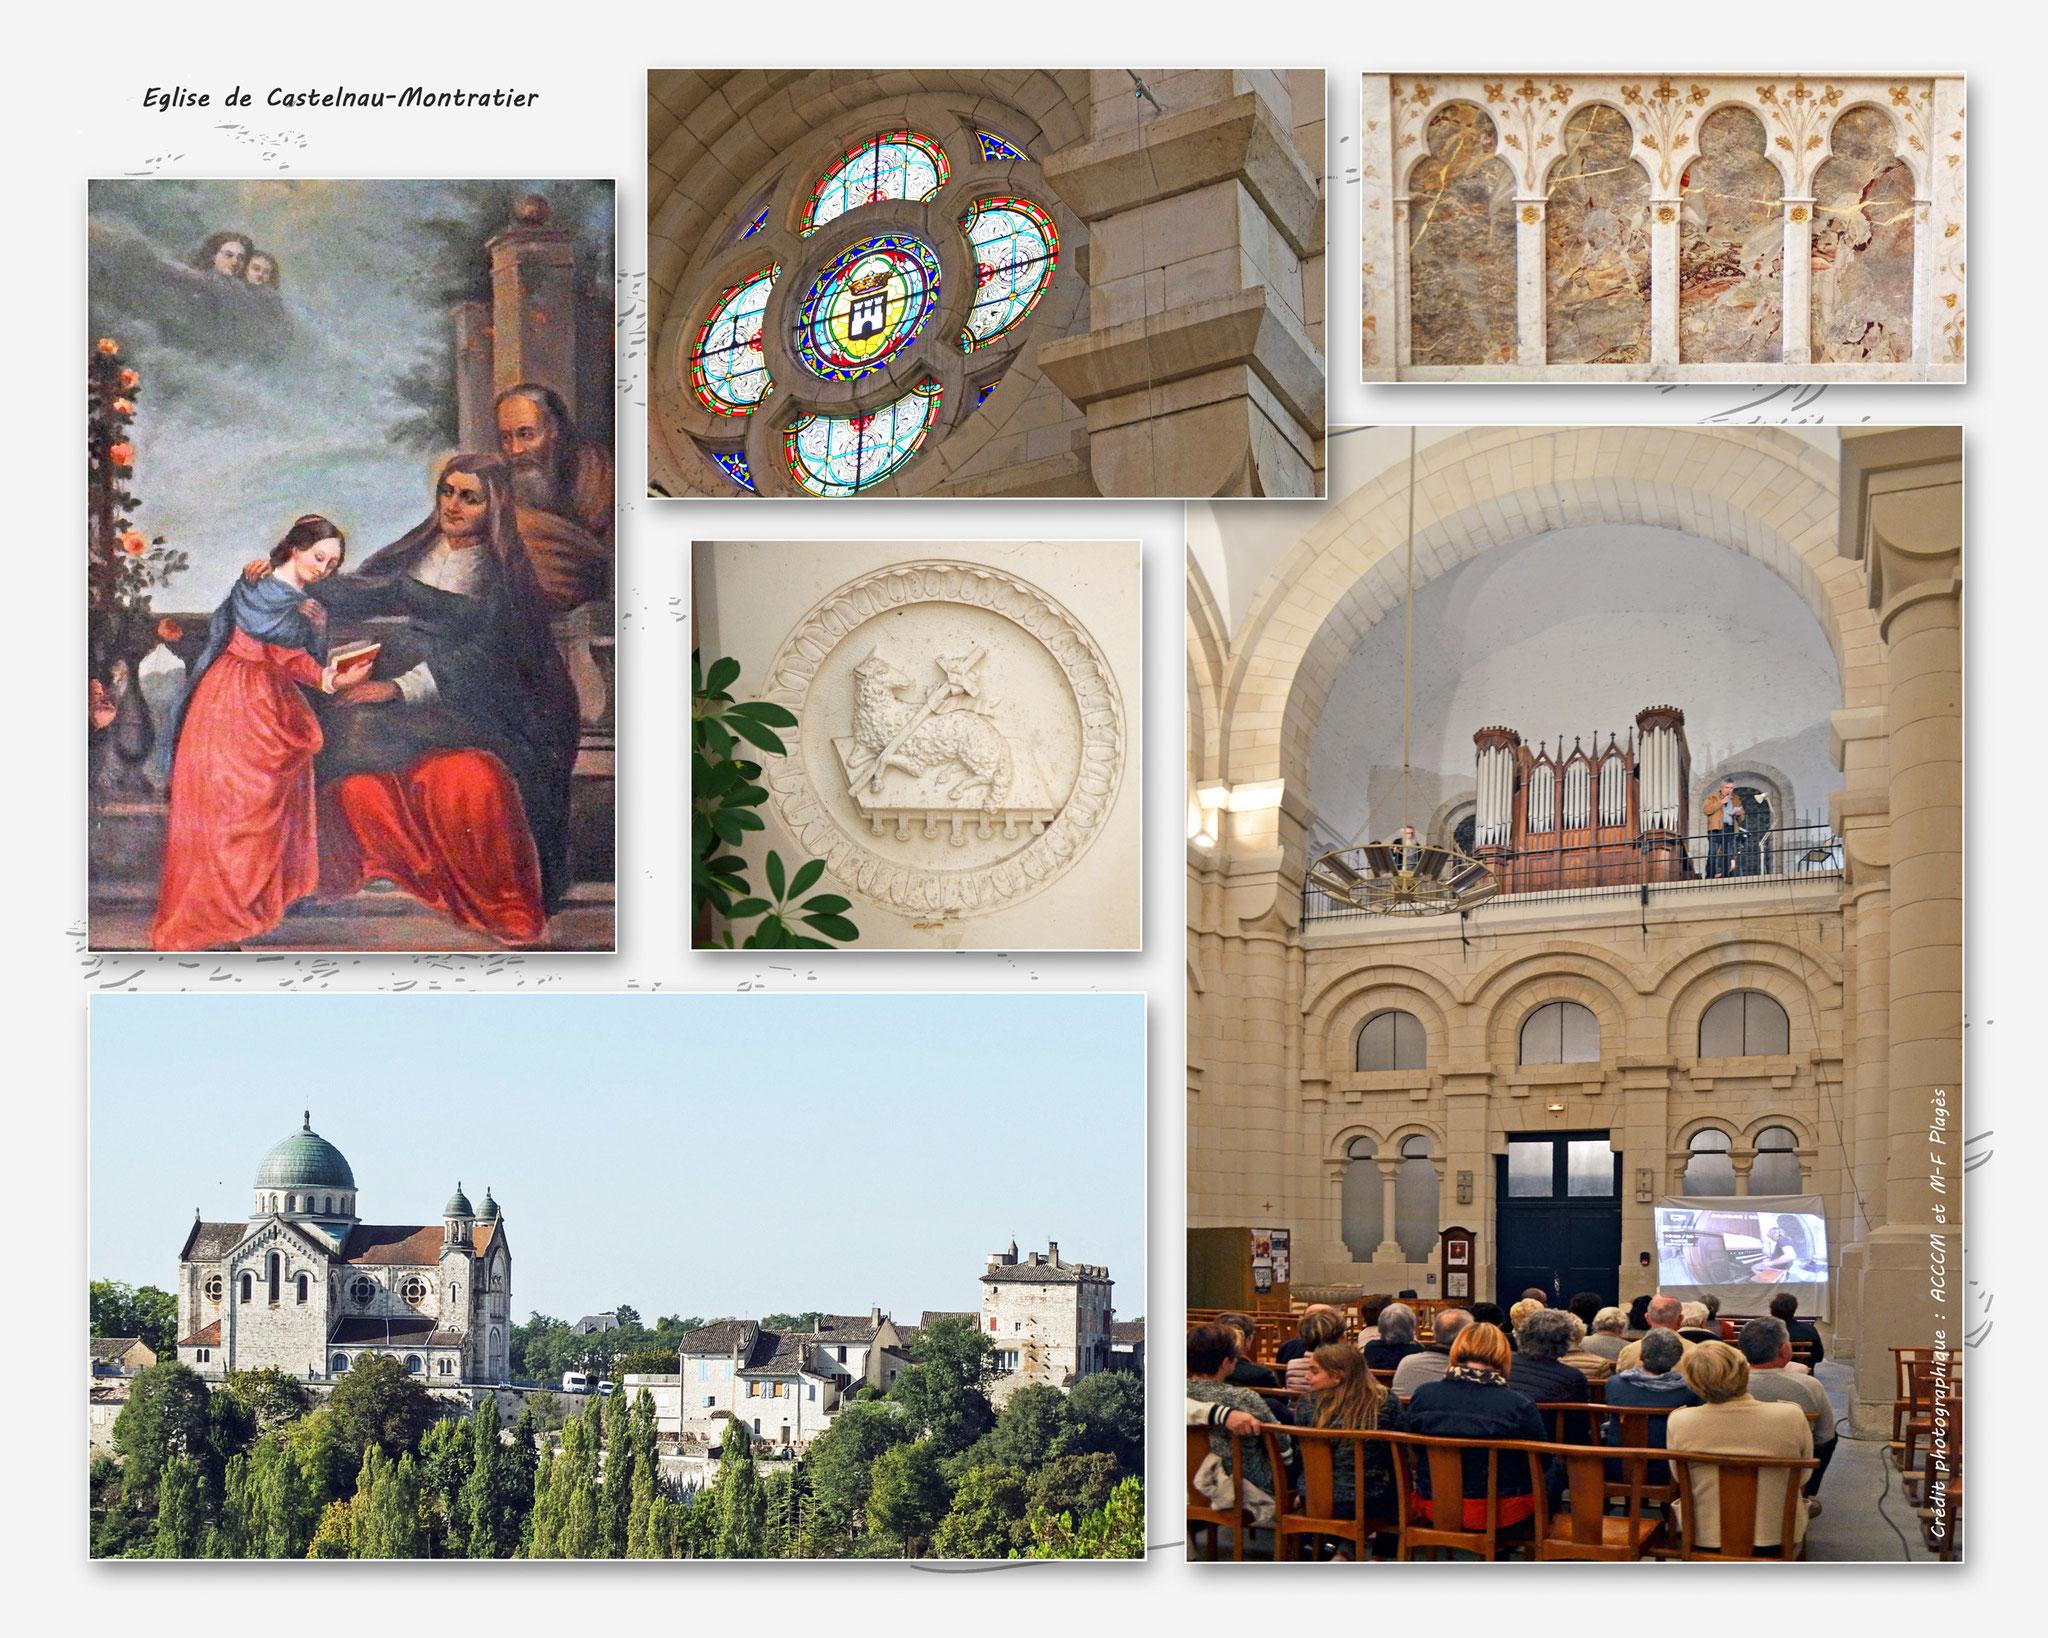 Eglise de Castelnau-Montratier